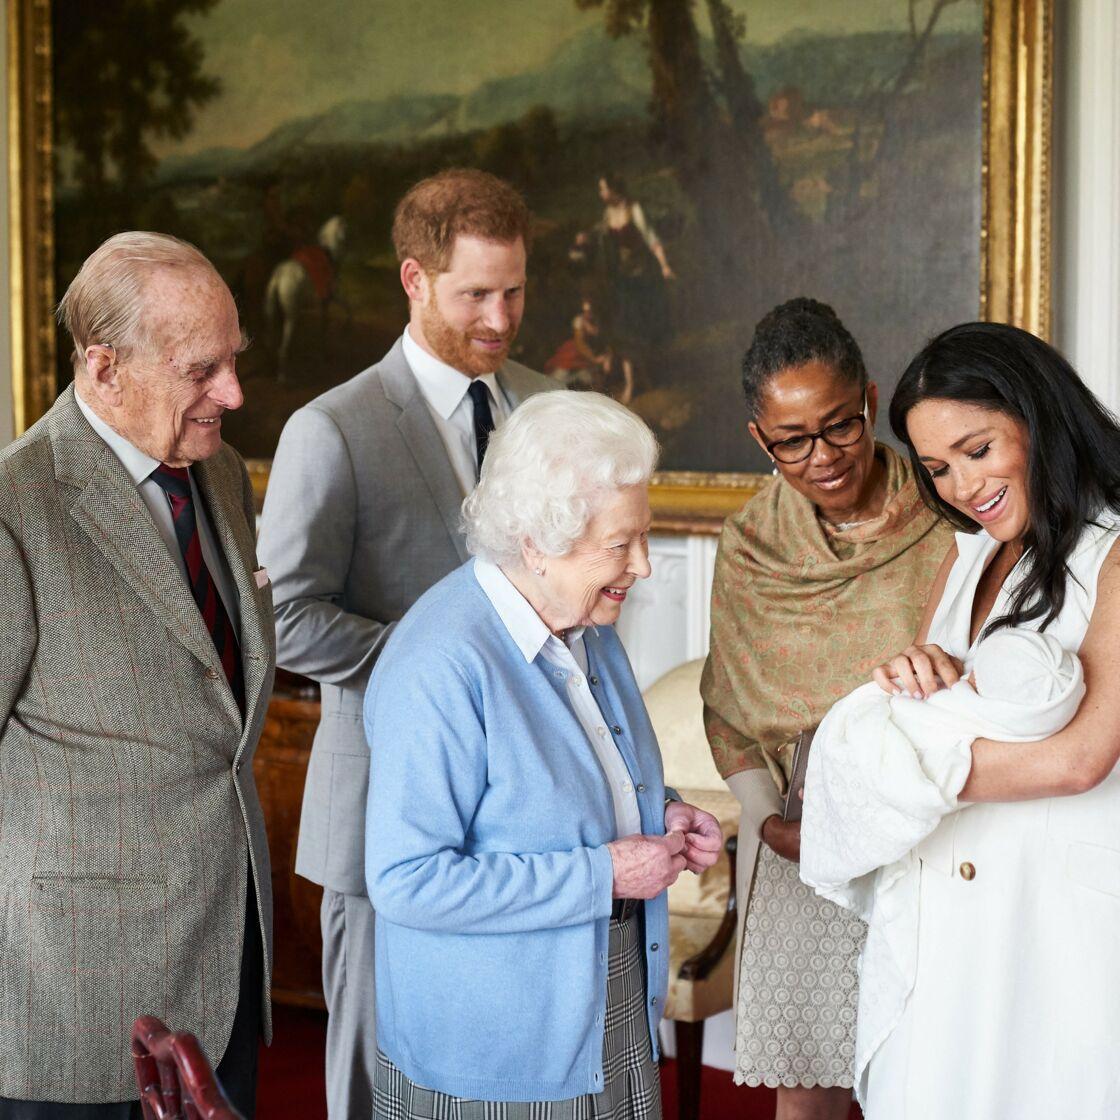 En mai 2019, la reine Elizabeth II et son arrière-petit-fils Archie